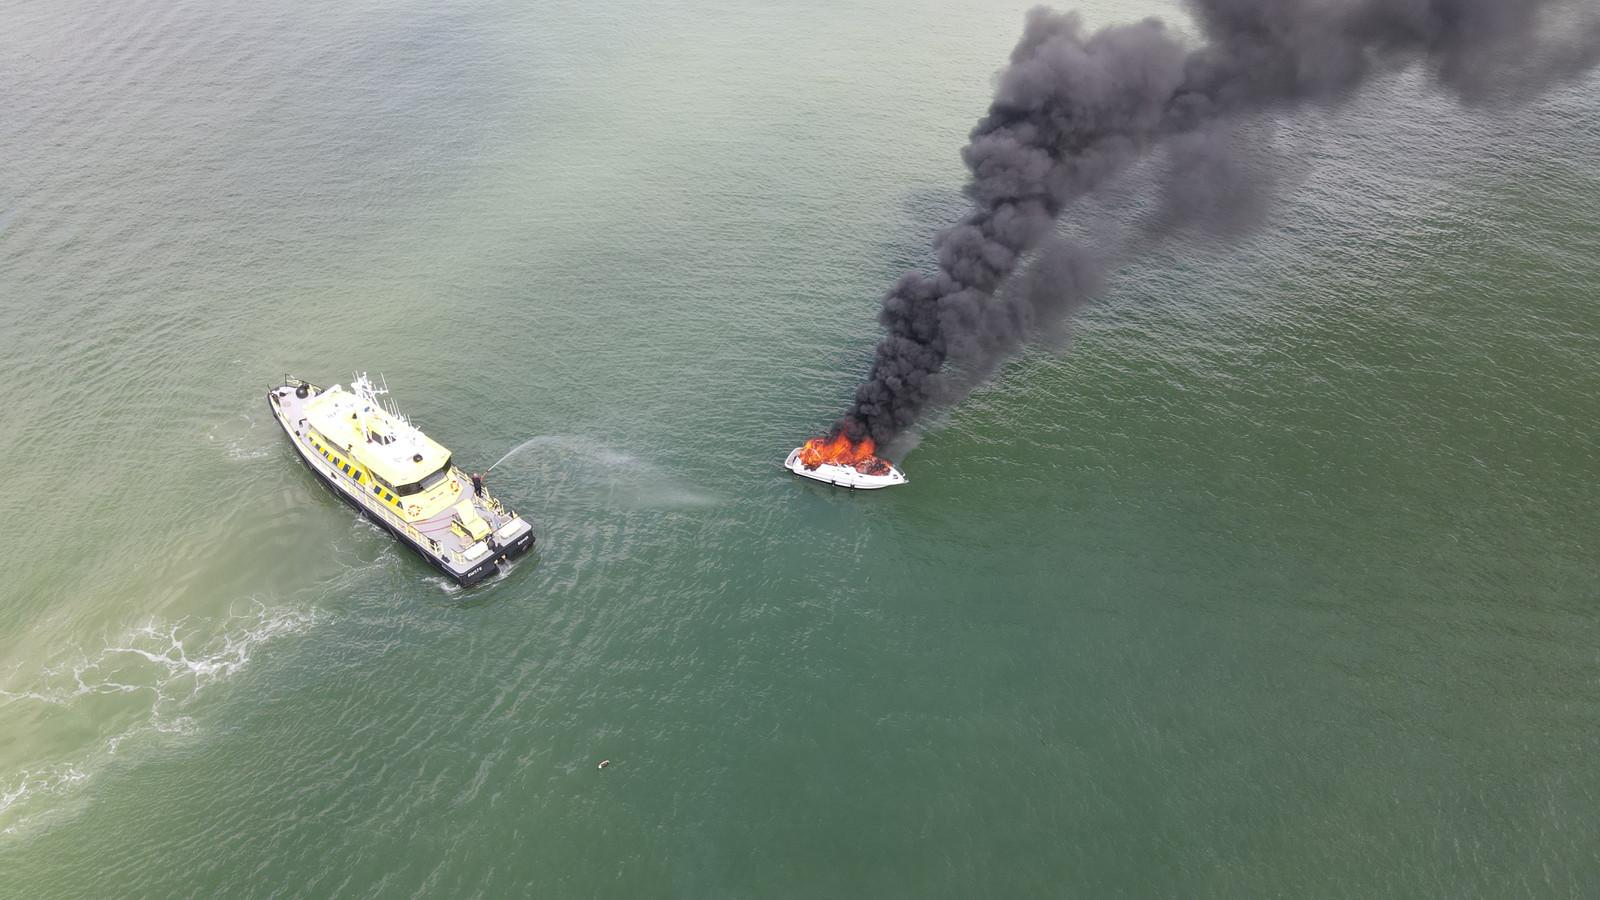 Het jachtje was niet meer te redden. Rijkswaterstaat heeft het gecontroleerd uit laten branden.